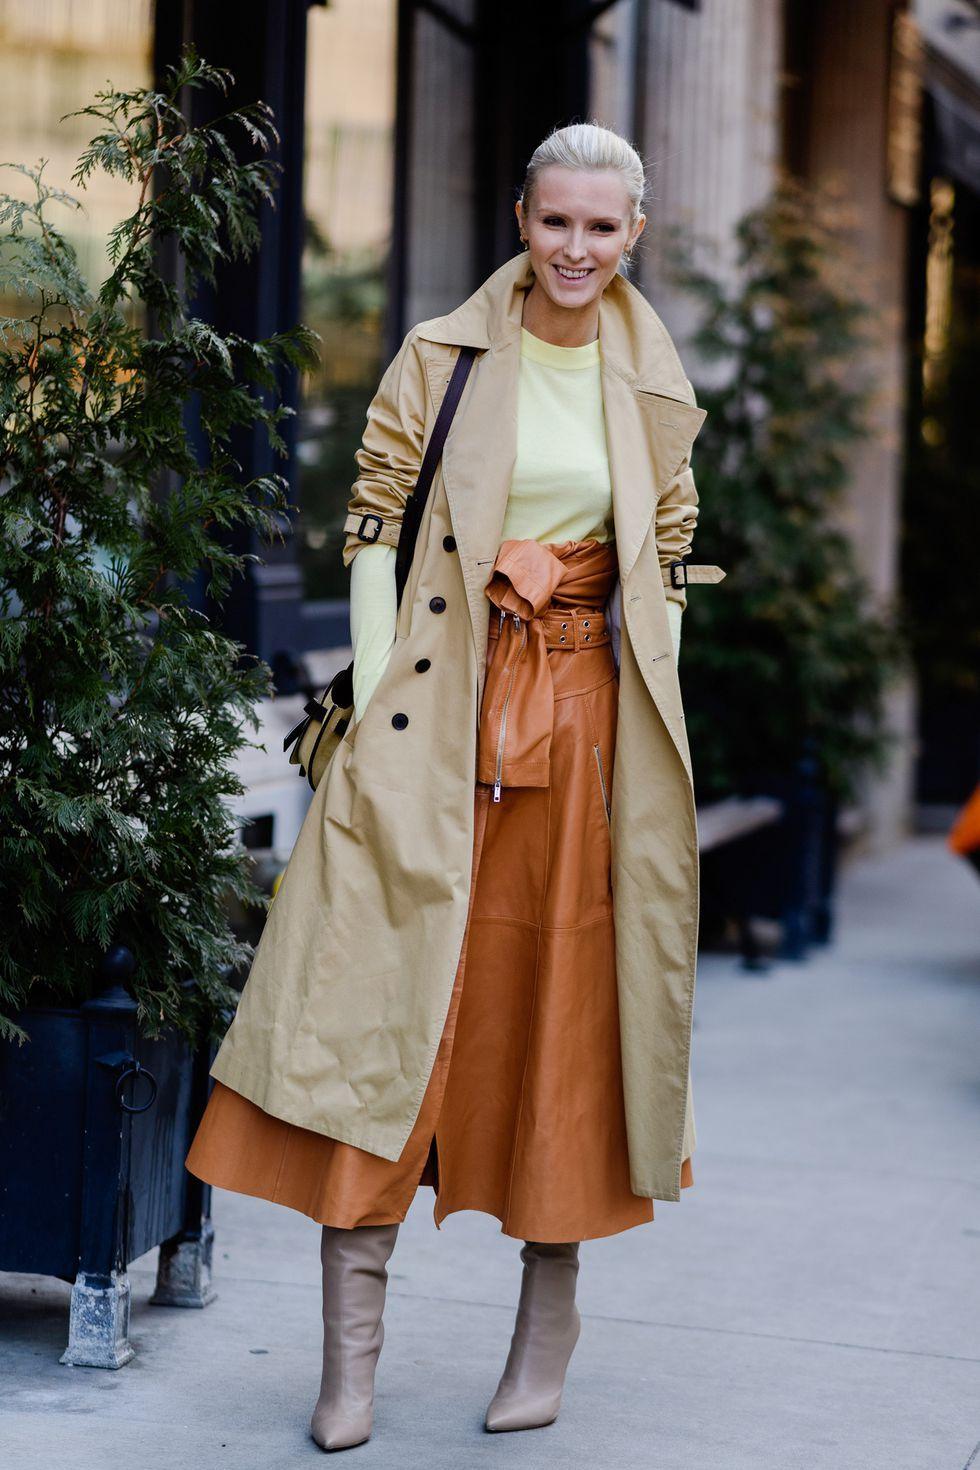 Khi nói đến áo khoác ngoài mùa xuân, một chiếc trench cổ điển sẽ không bao giờ lỗi mốt. Các mảnh hoạt động với hầu hết mọi trang phục và làm cho một tuyệt vời để mặc vào văn phòng.